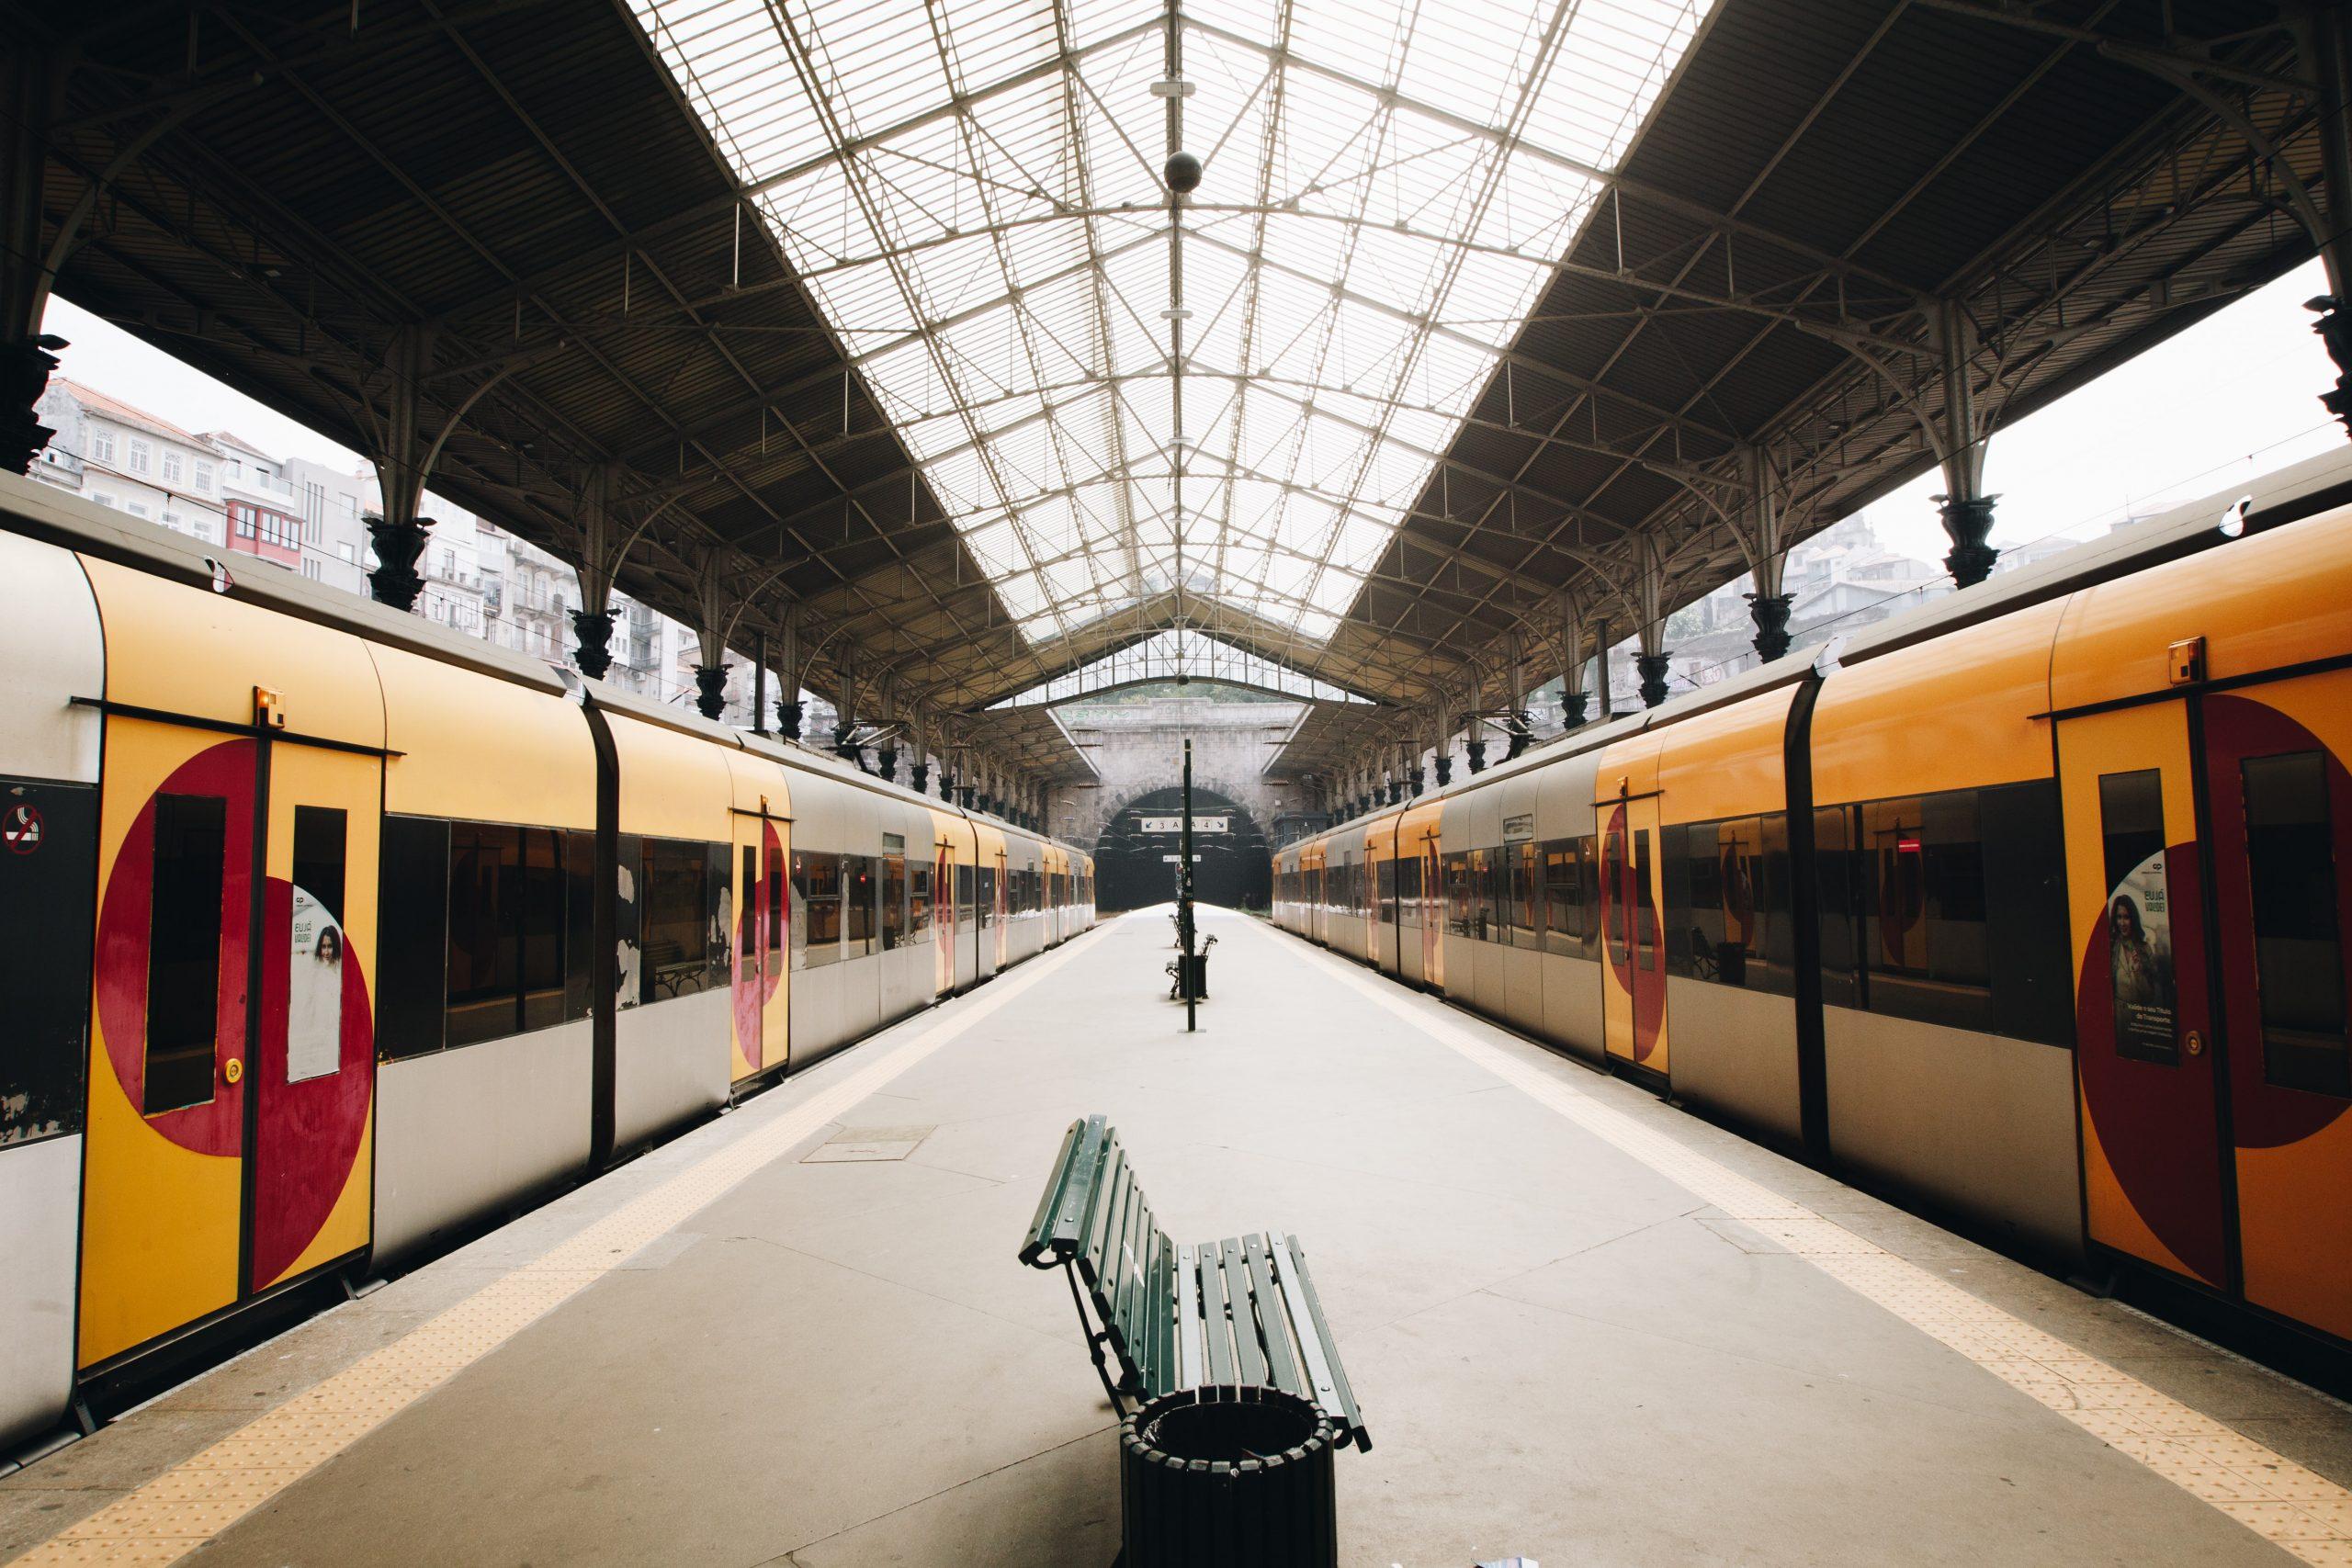 Comissão Europeia vai disponibilizar 60 000 passes ferroviários a jovens europeus